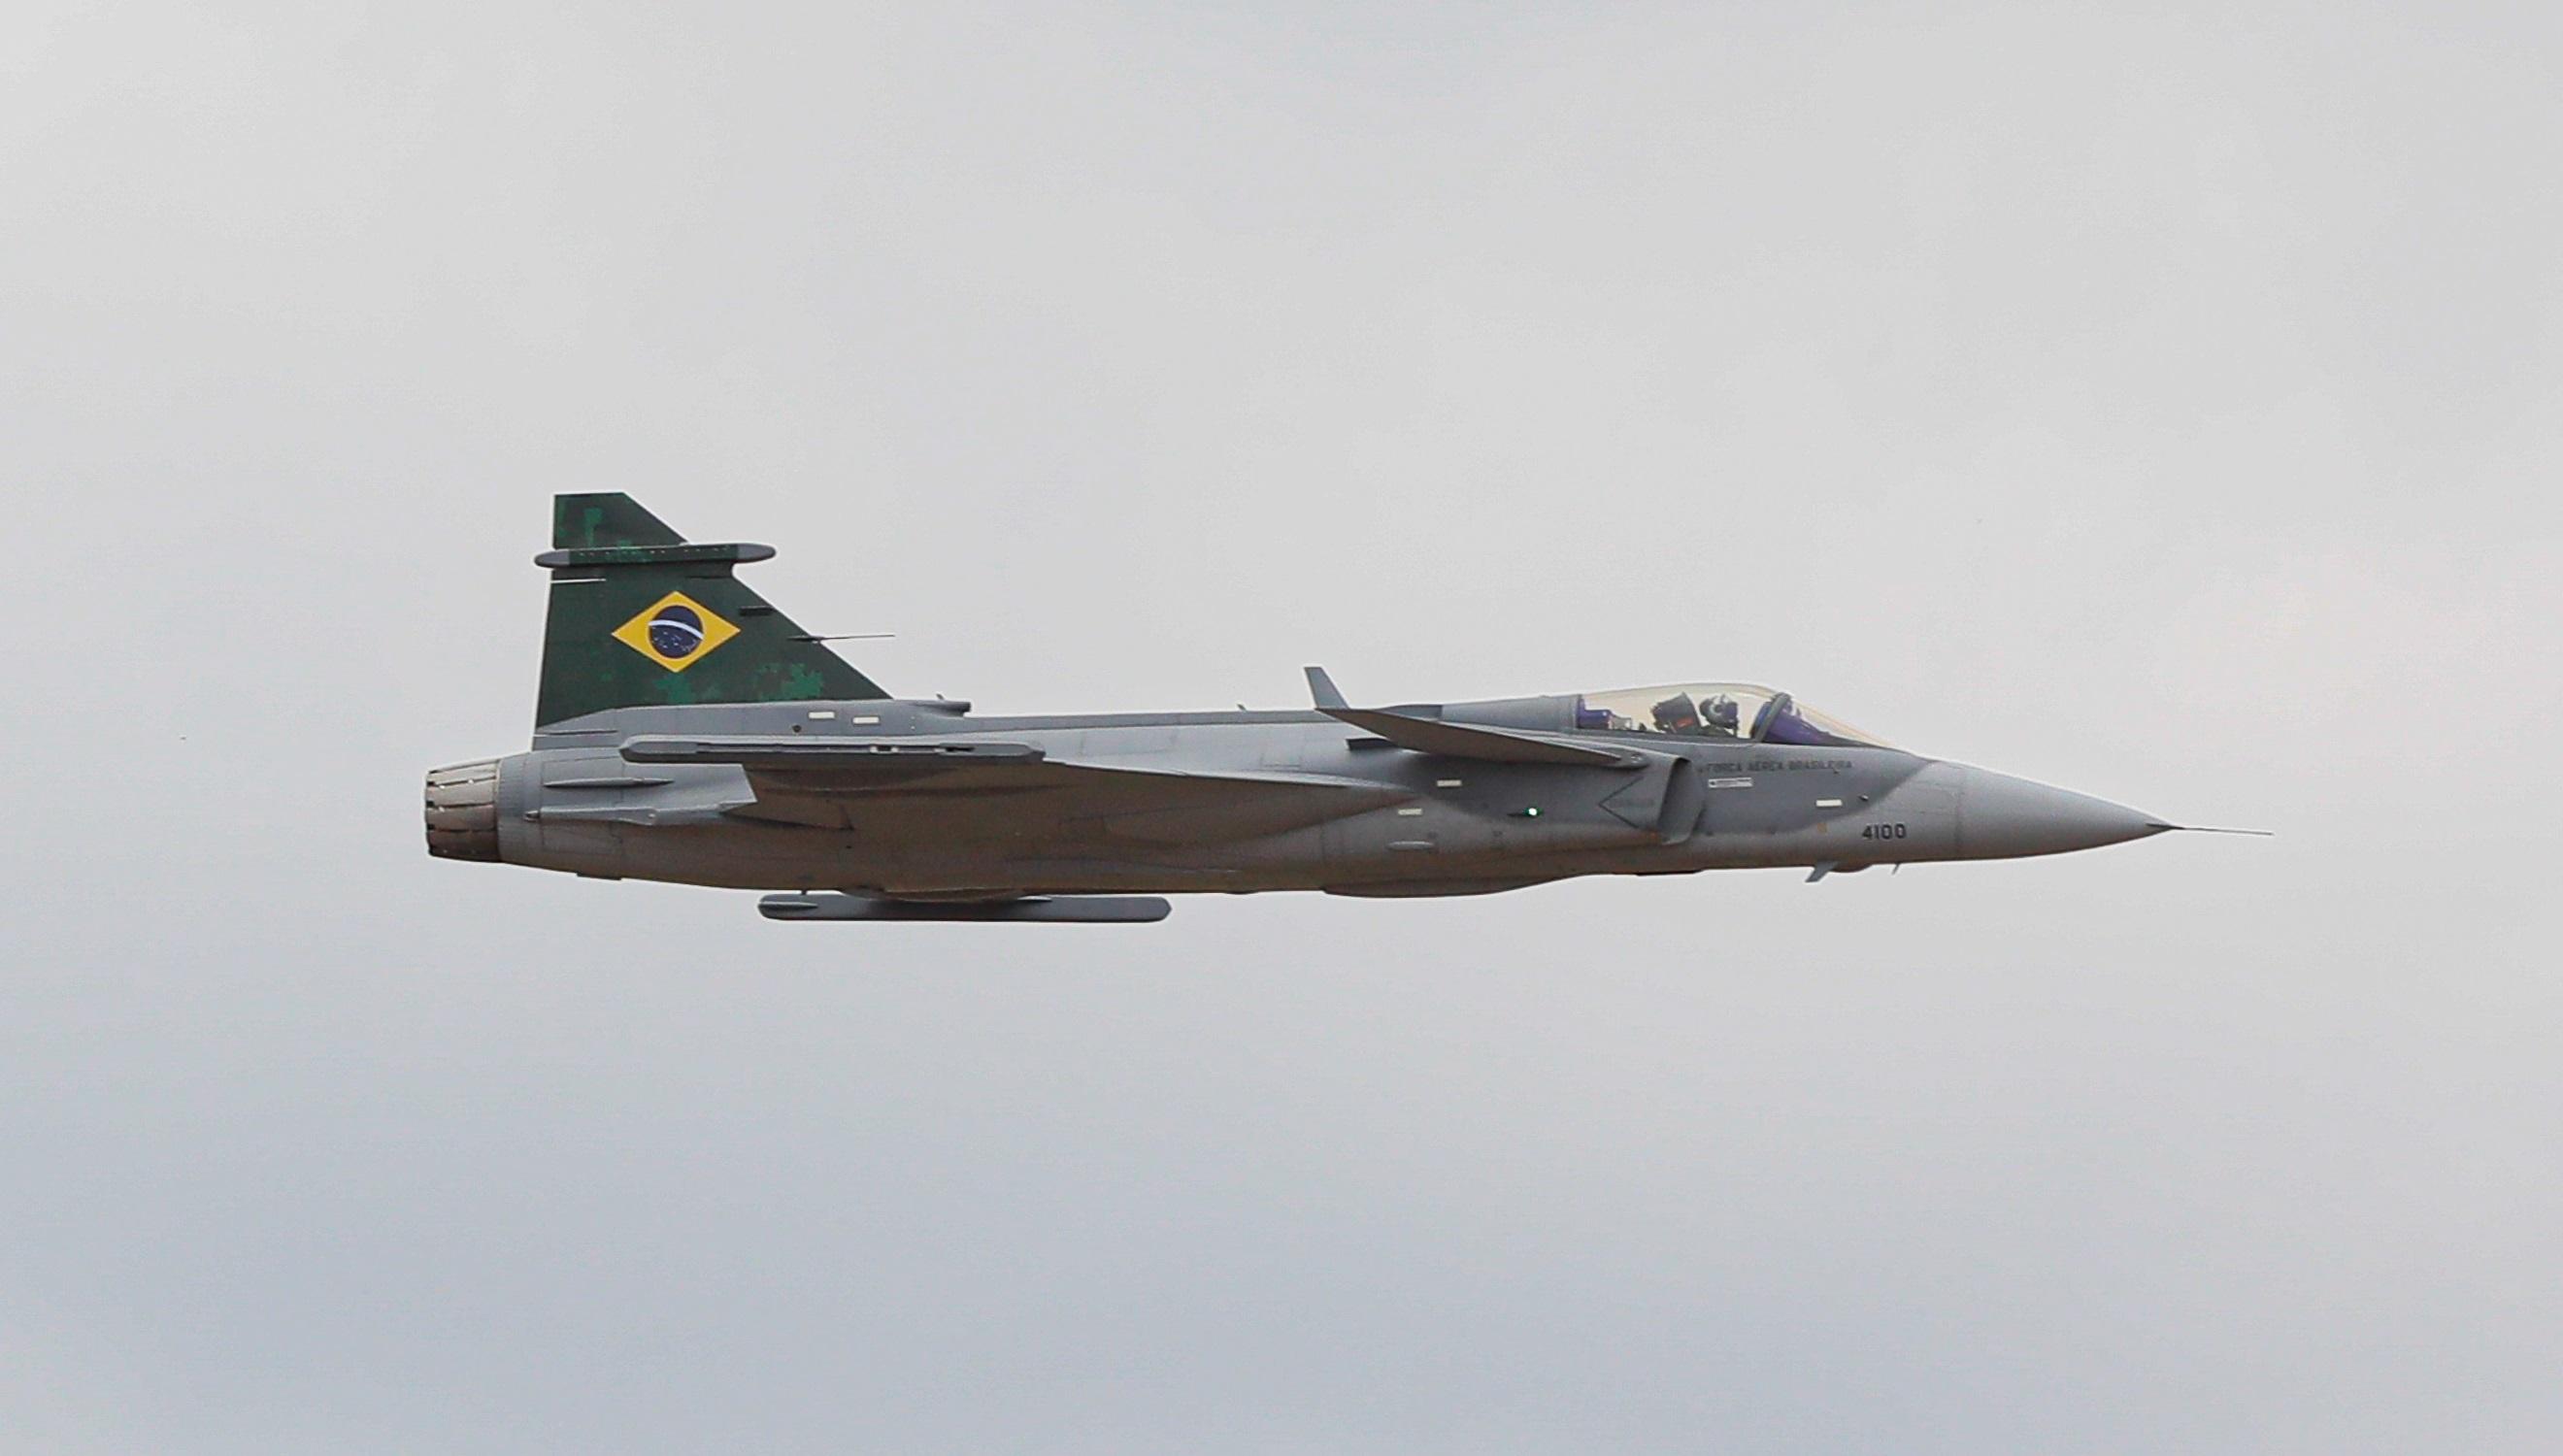 File:Brazilian Gripen F-39E (cropped).jpg - Wikimedia Commons